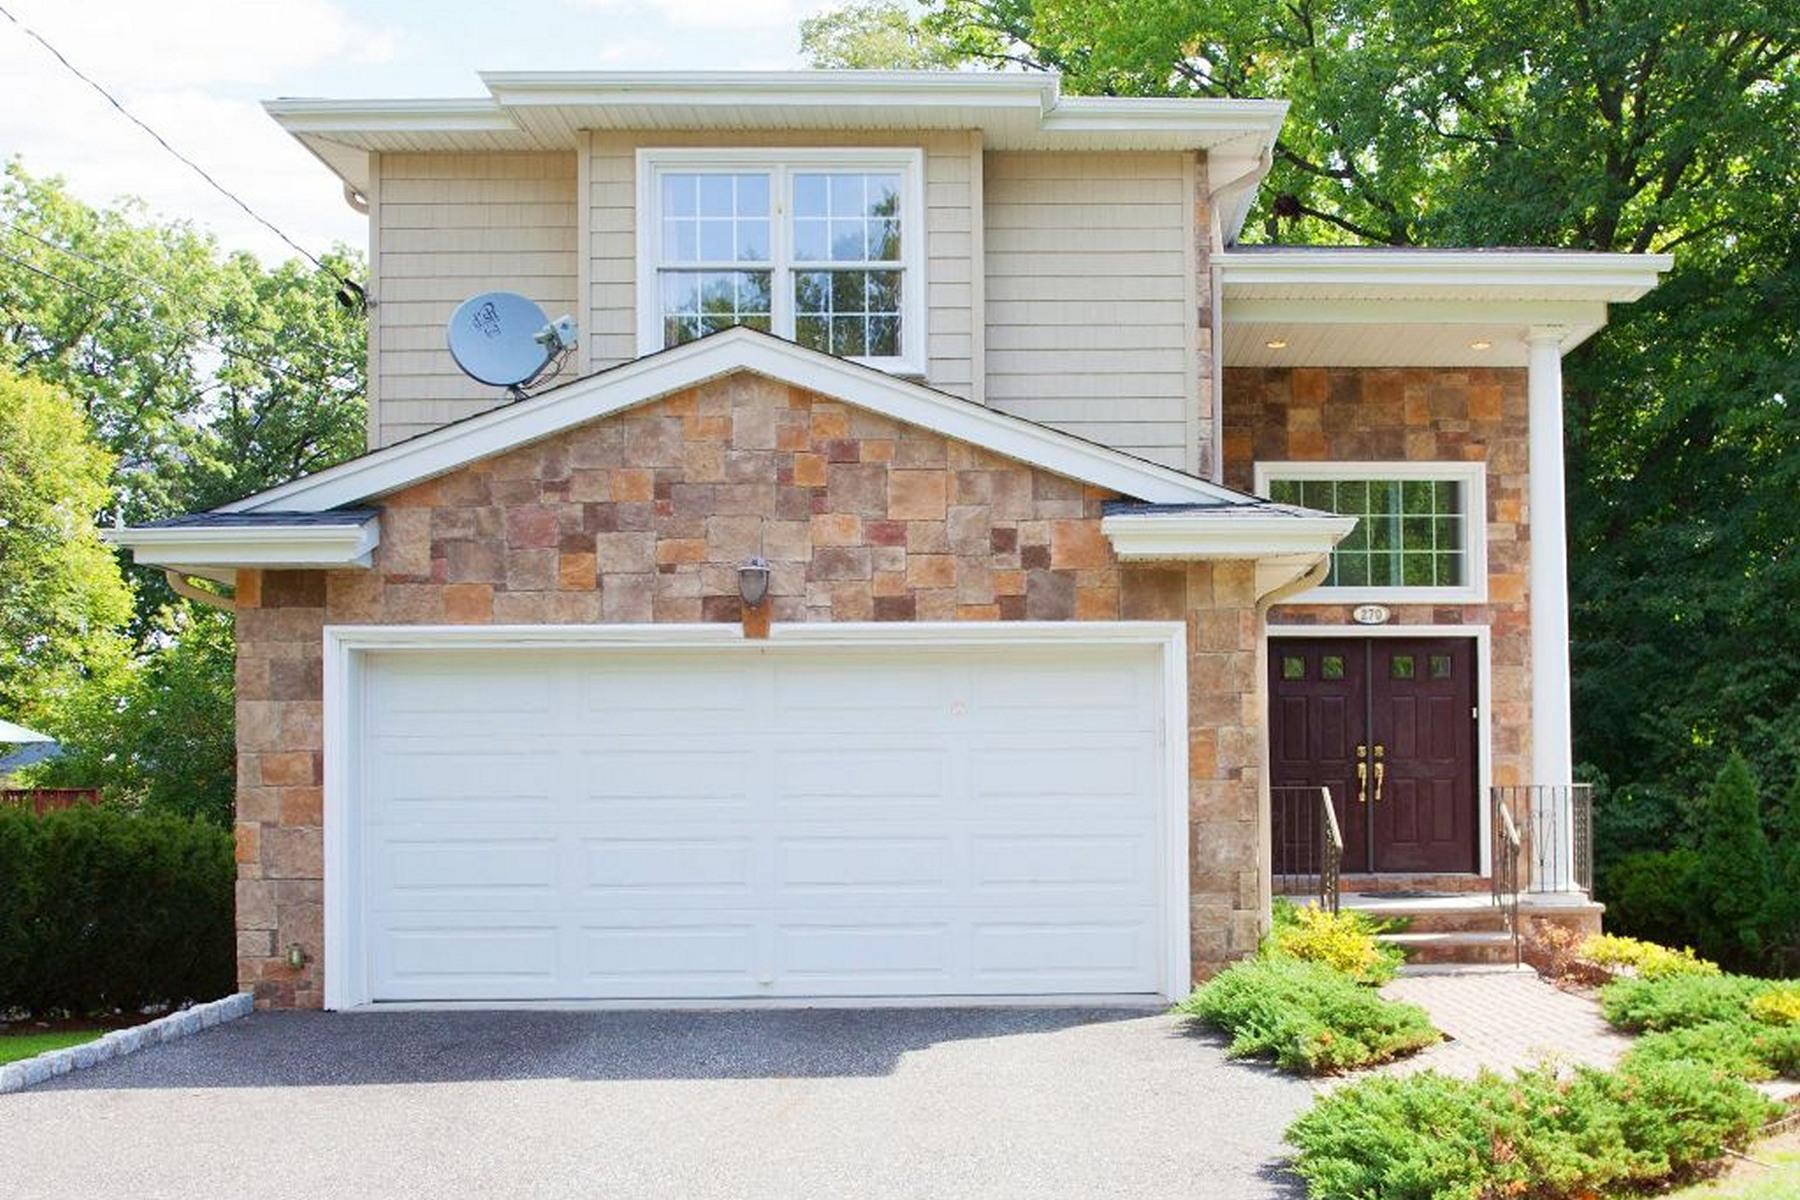 Moradia para Venda às Fabulous Home! 270 Concord Street, Cresskill, Nova Jersey 07626 Estados Unidos